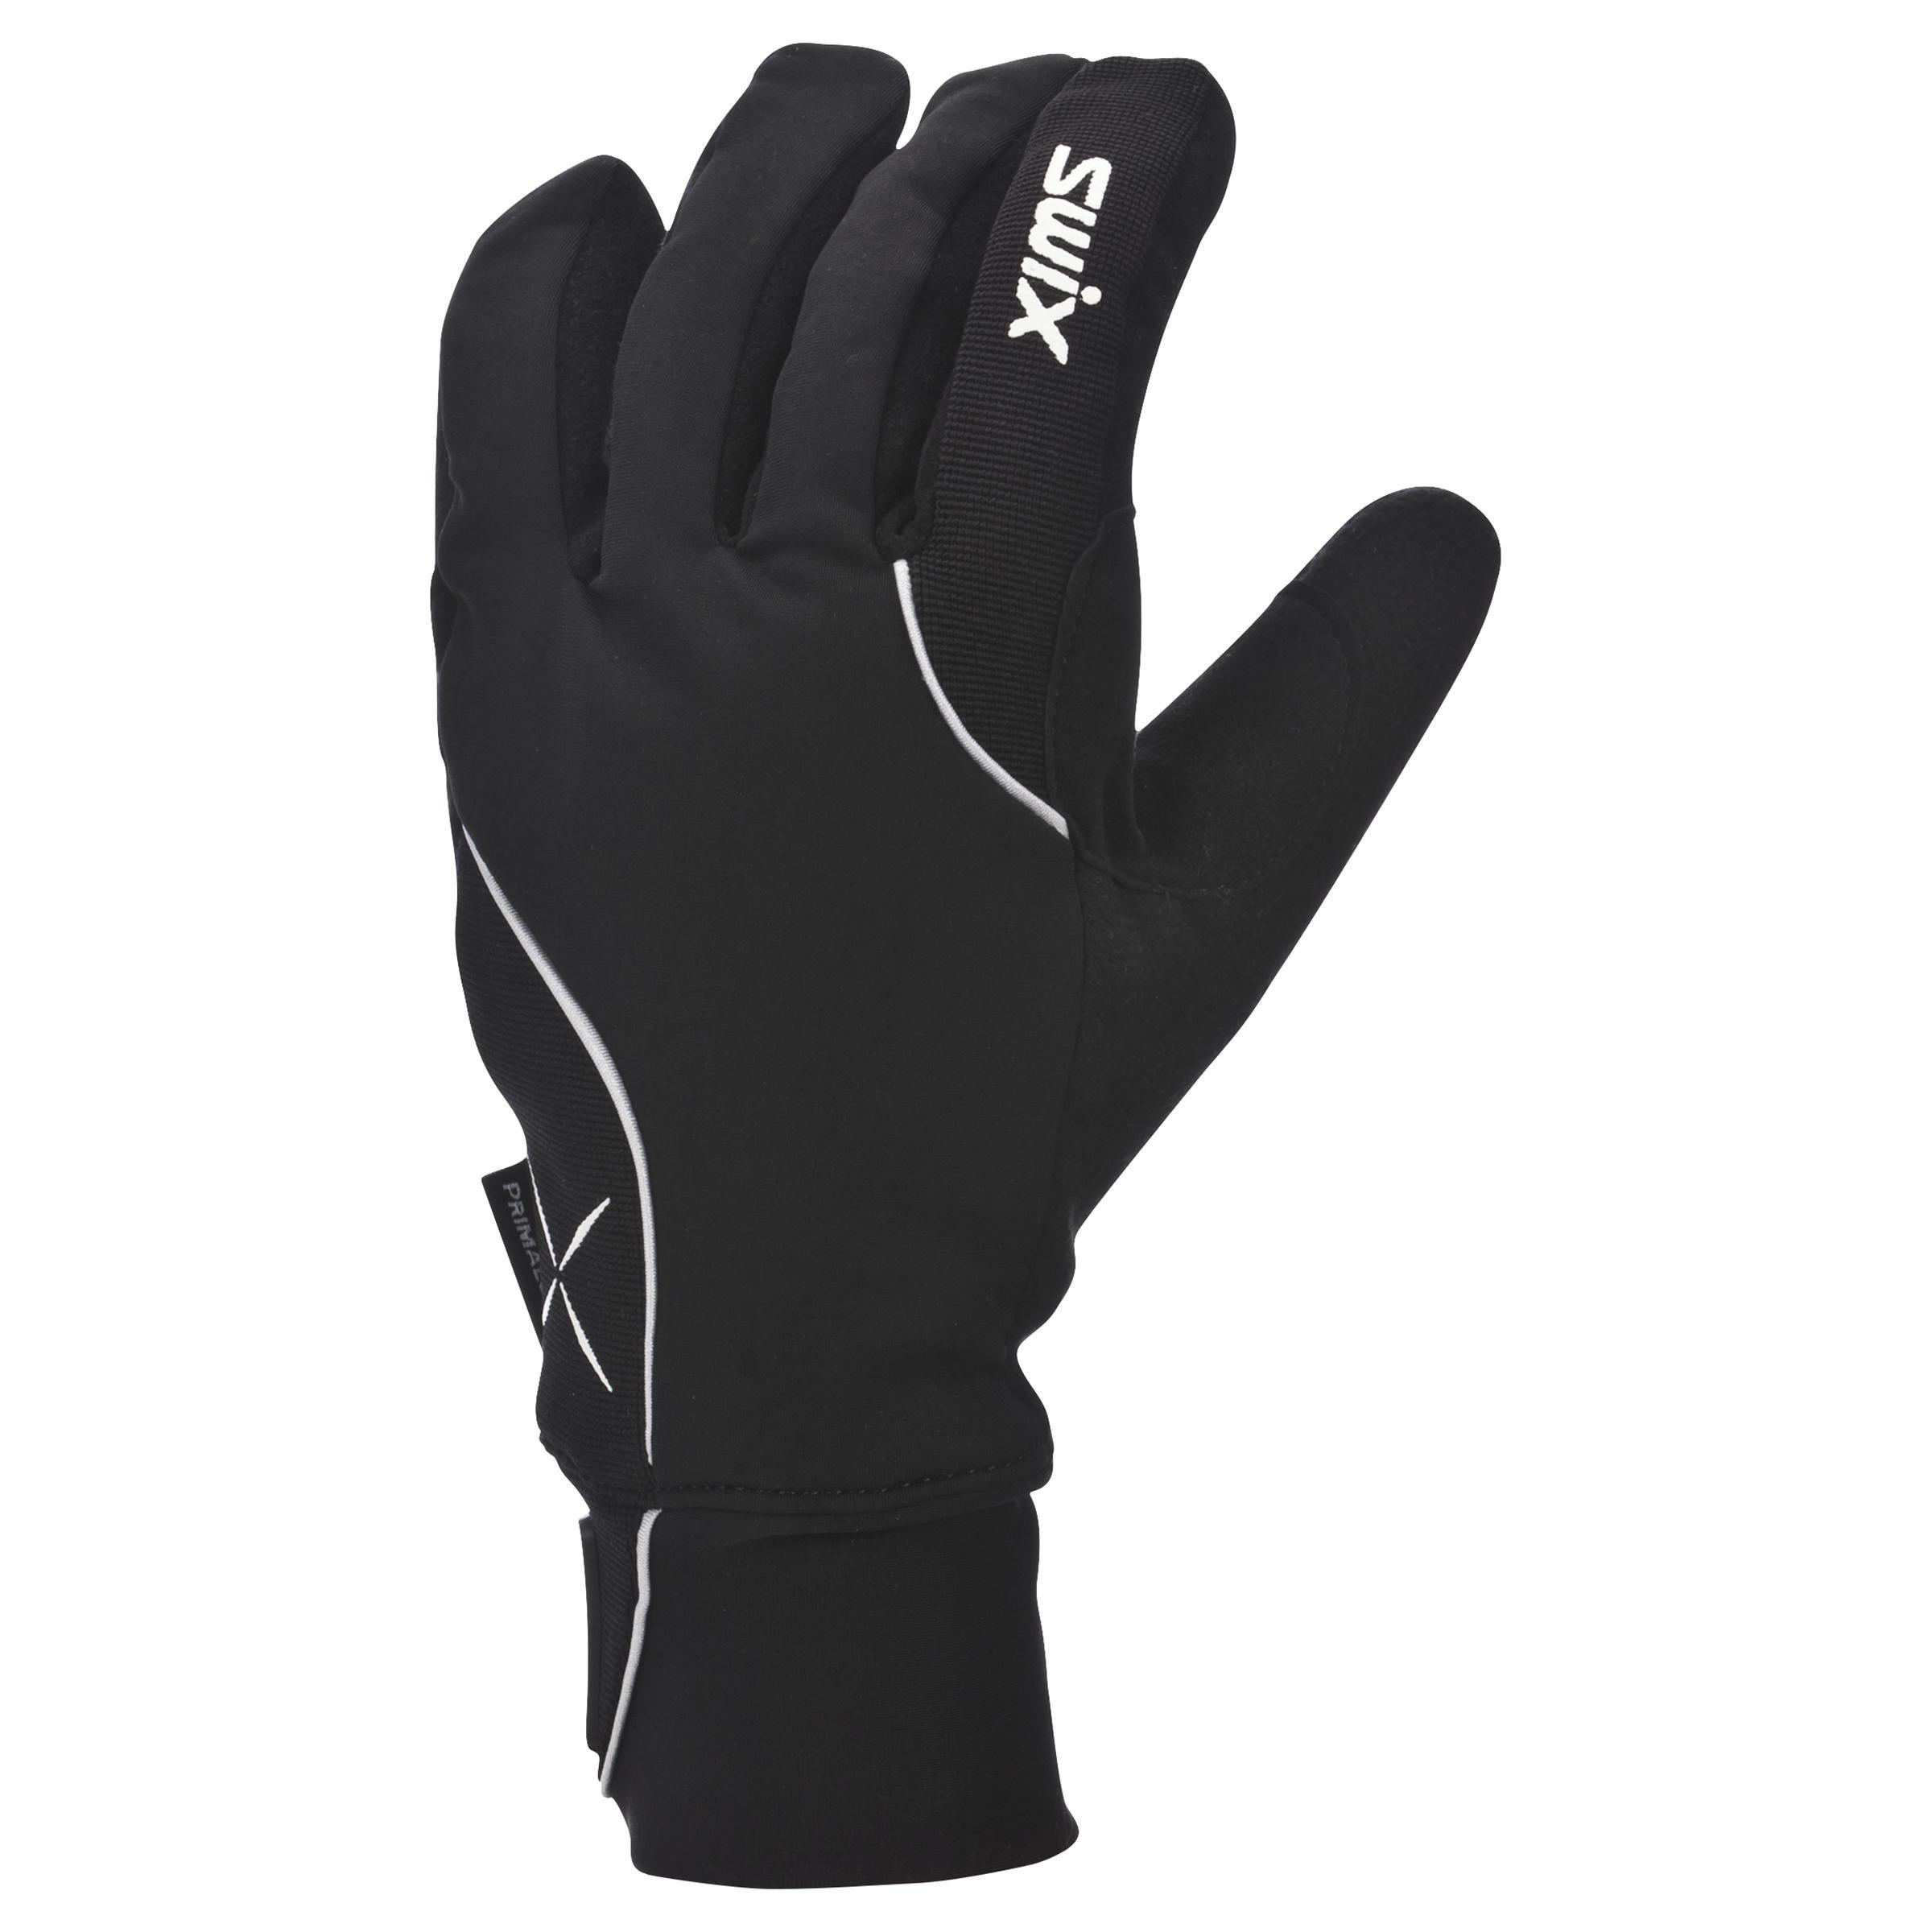 Handschoenen voor langlaufen Star Swix zwart